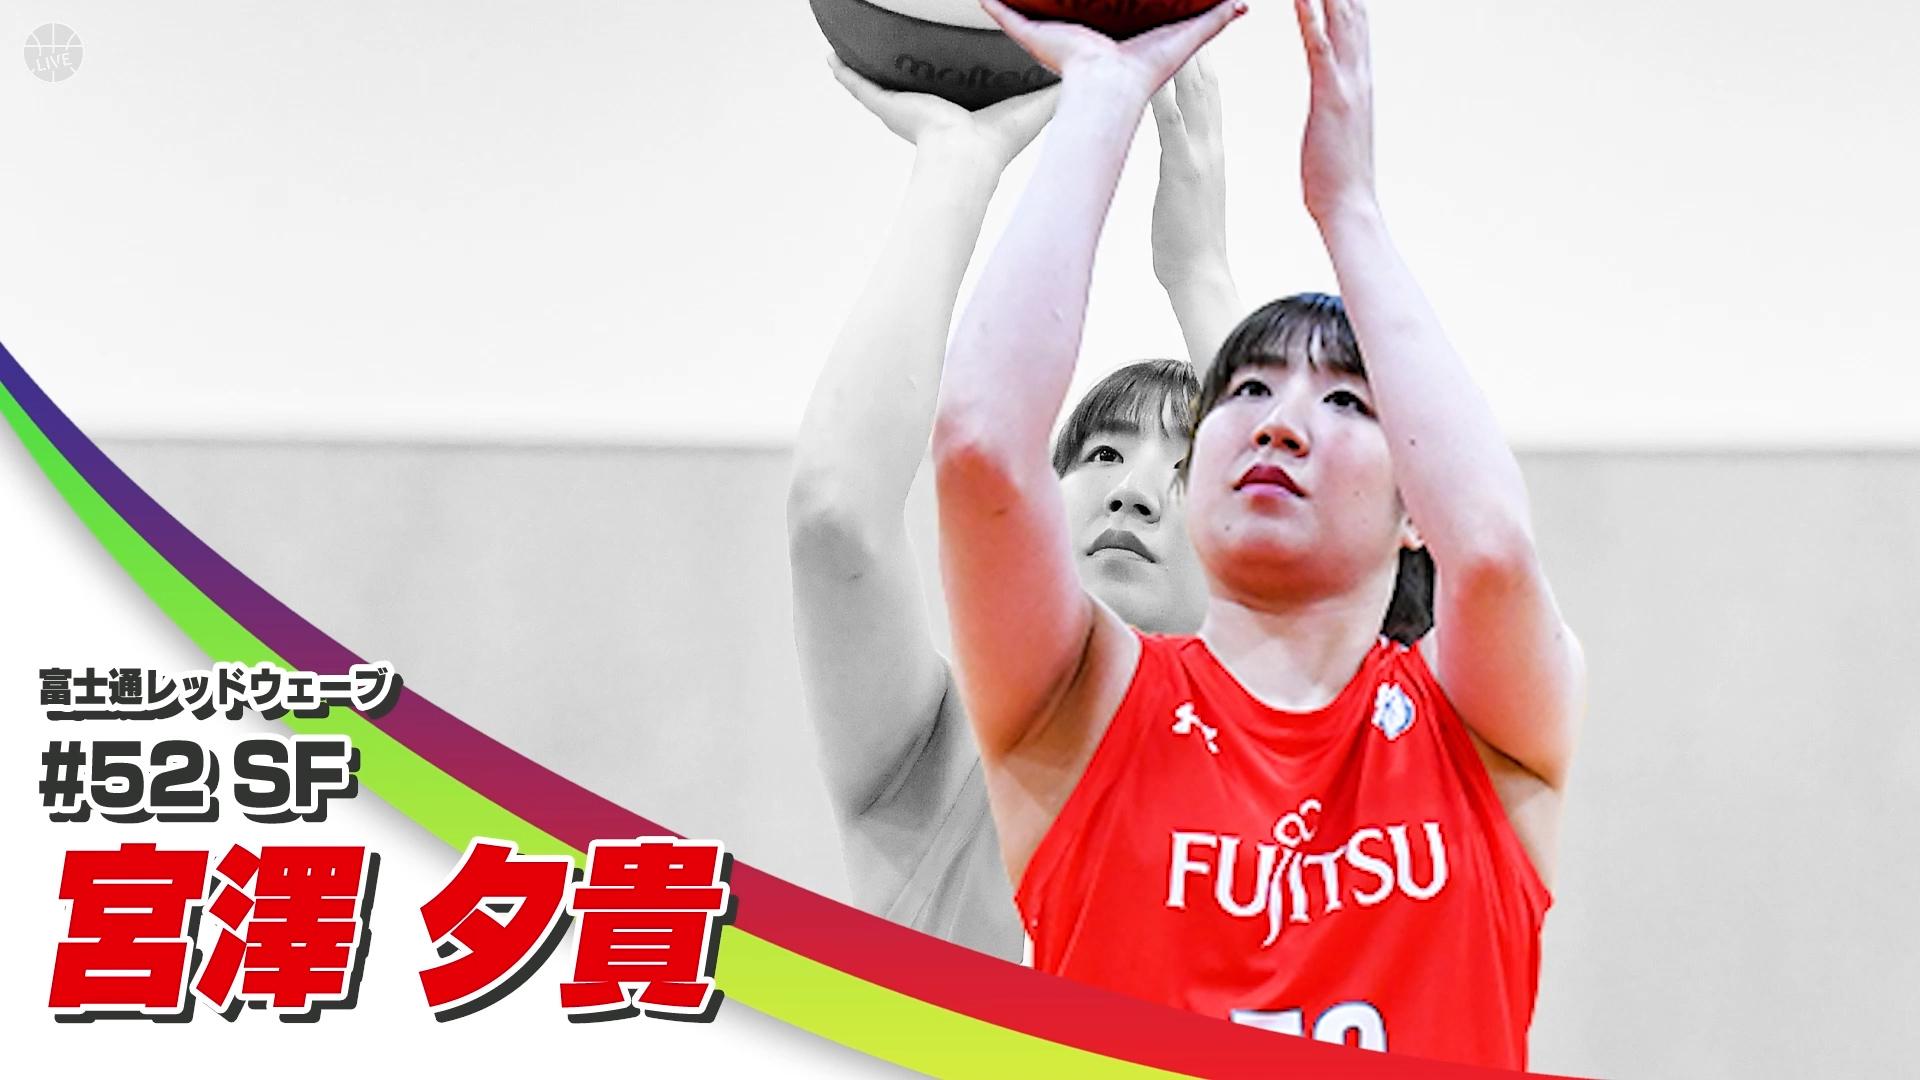 【女子バスケ】Wリーグ開幕!注目選手!宮澤夕貴(富士通レッドウェーブ)